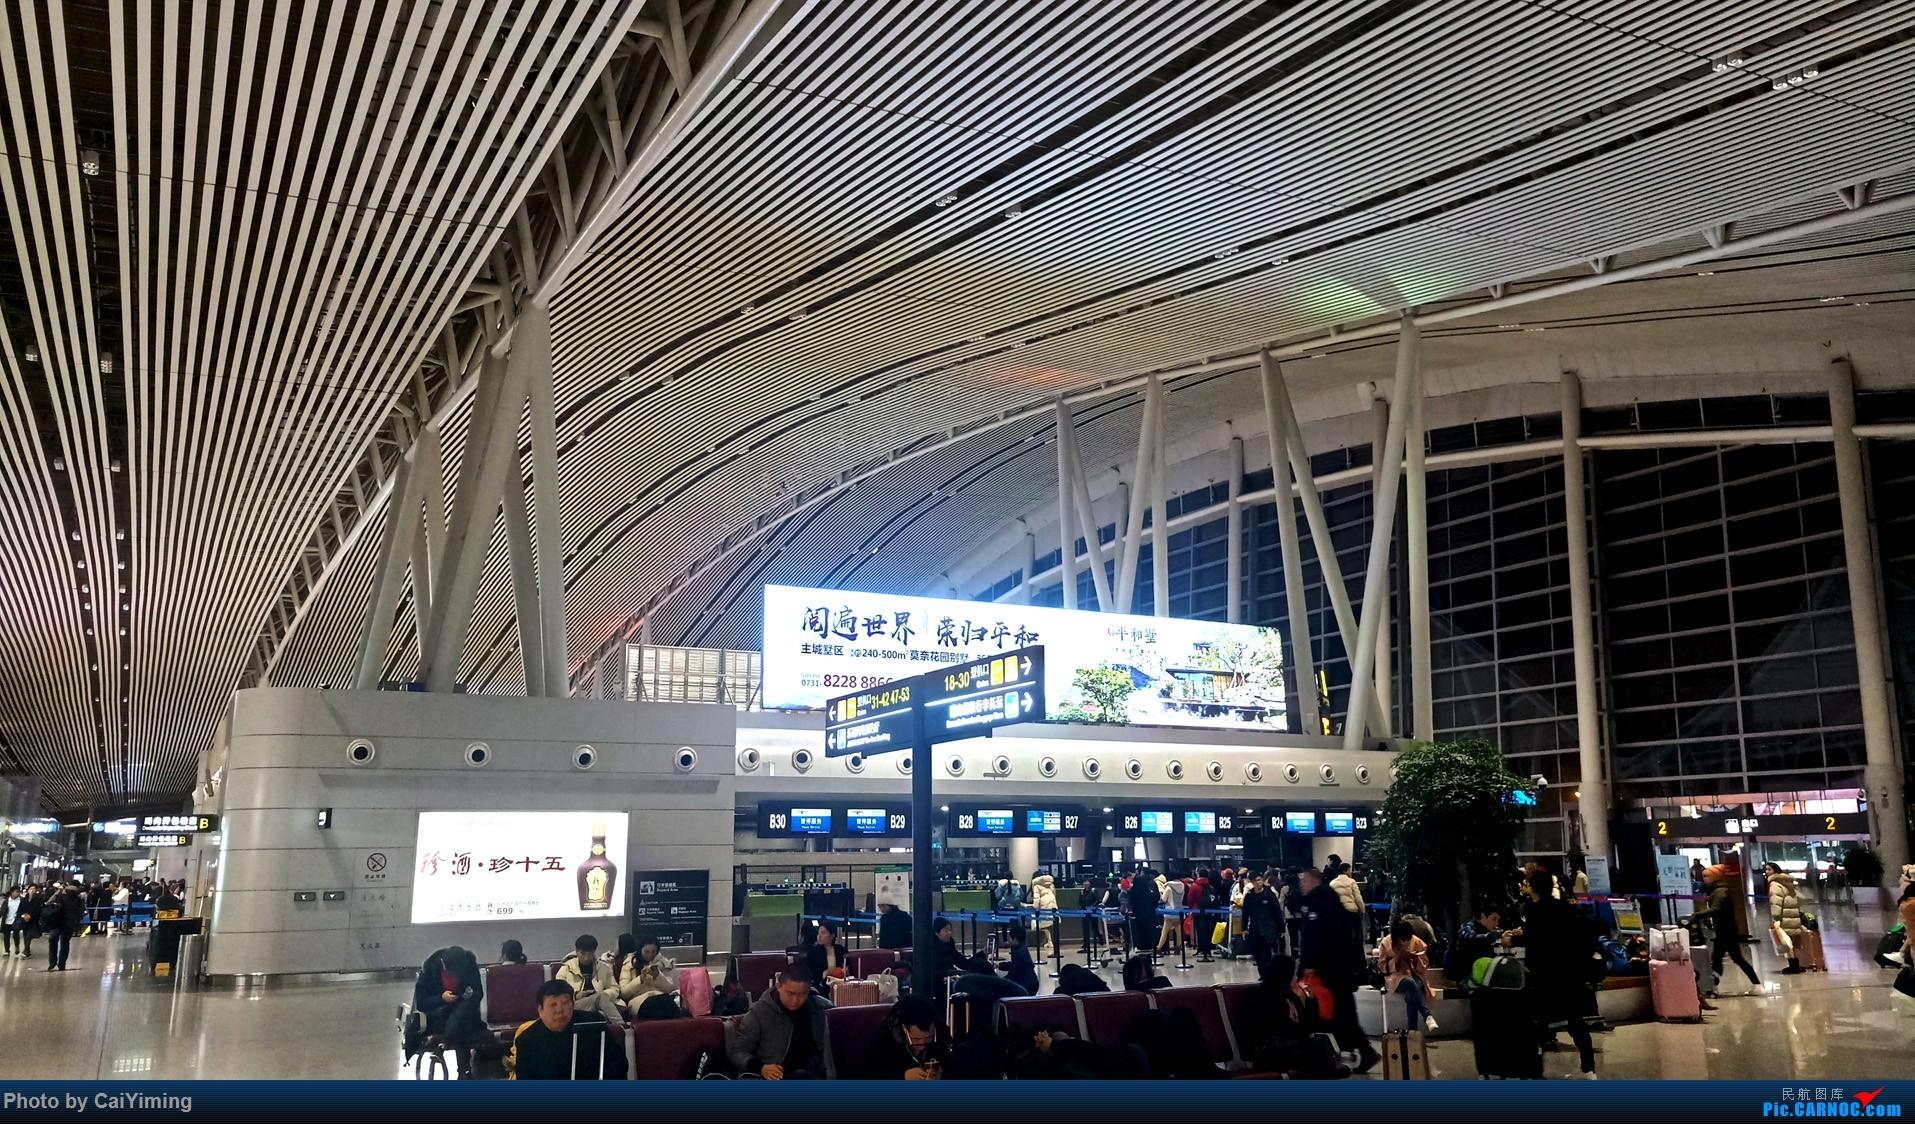 Re:[原创]【人在旅途】成都-浦东-虹桥-西安-南通-成都(3U+MU空客A359体验)    中国长沙黄花国际机场